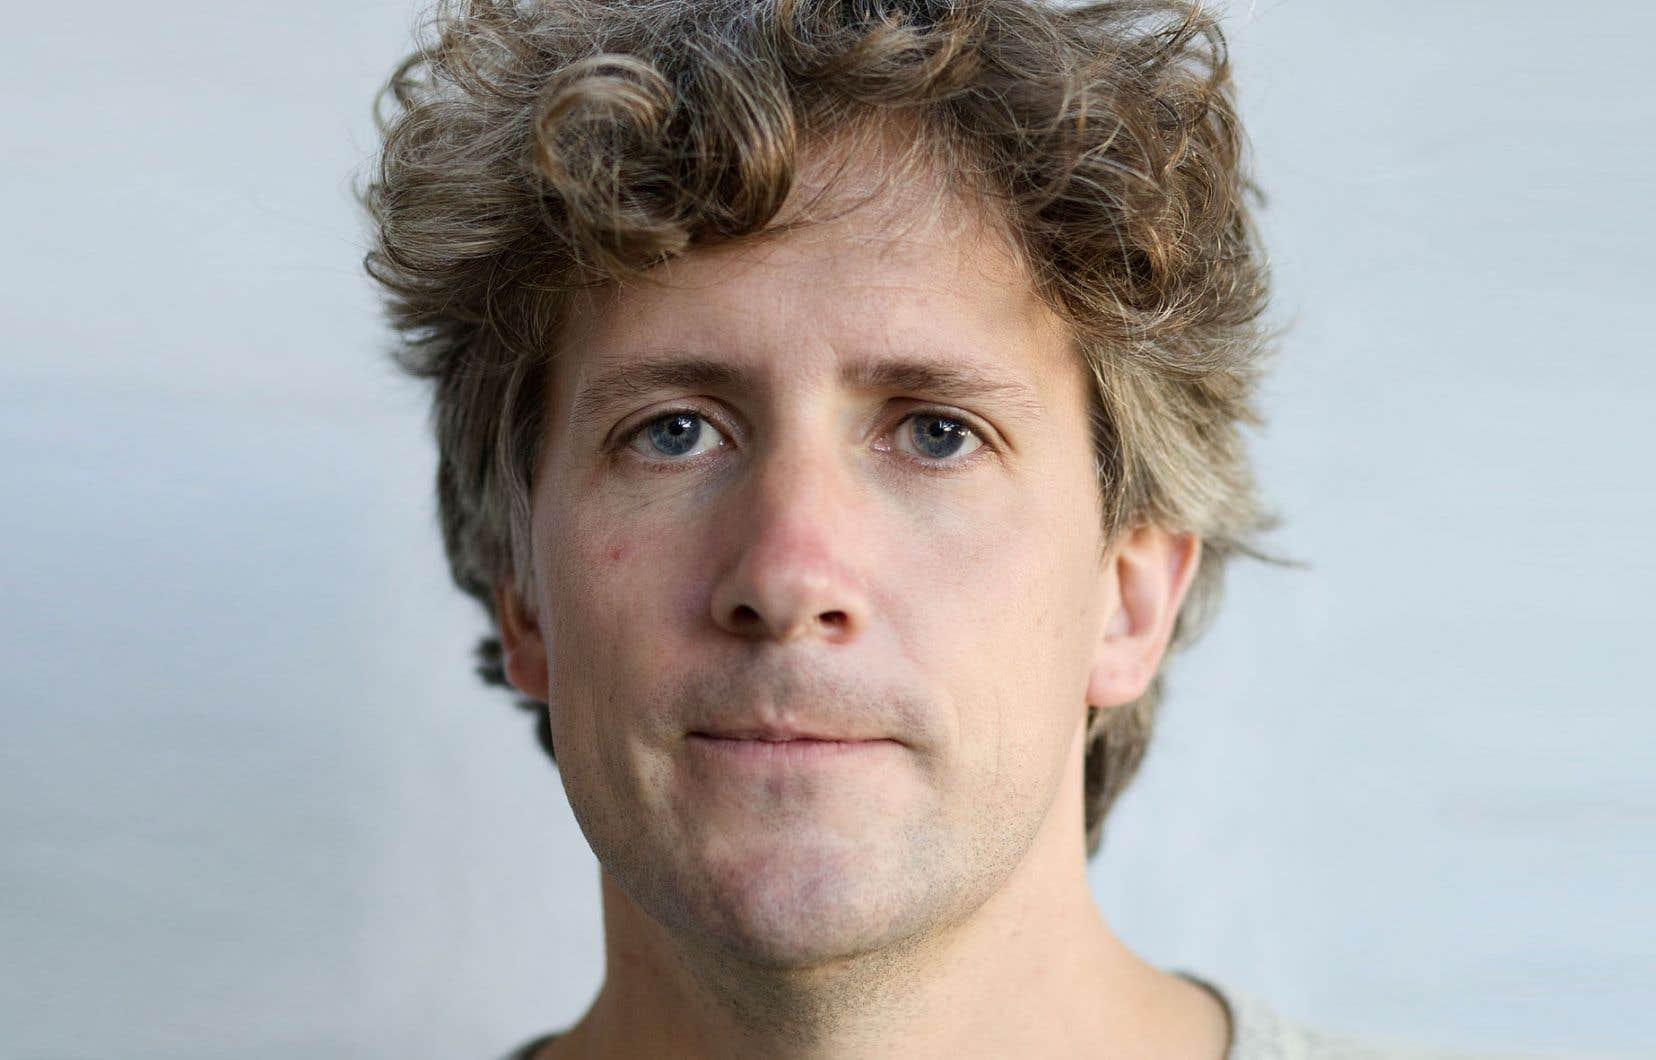 Écrivain touche-à-tout et artiste multidisciplinaire, Daniel Canty se mue cette fois en autobiographe précoce et livresque.